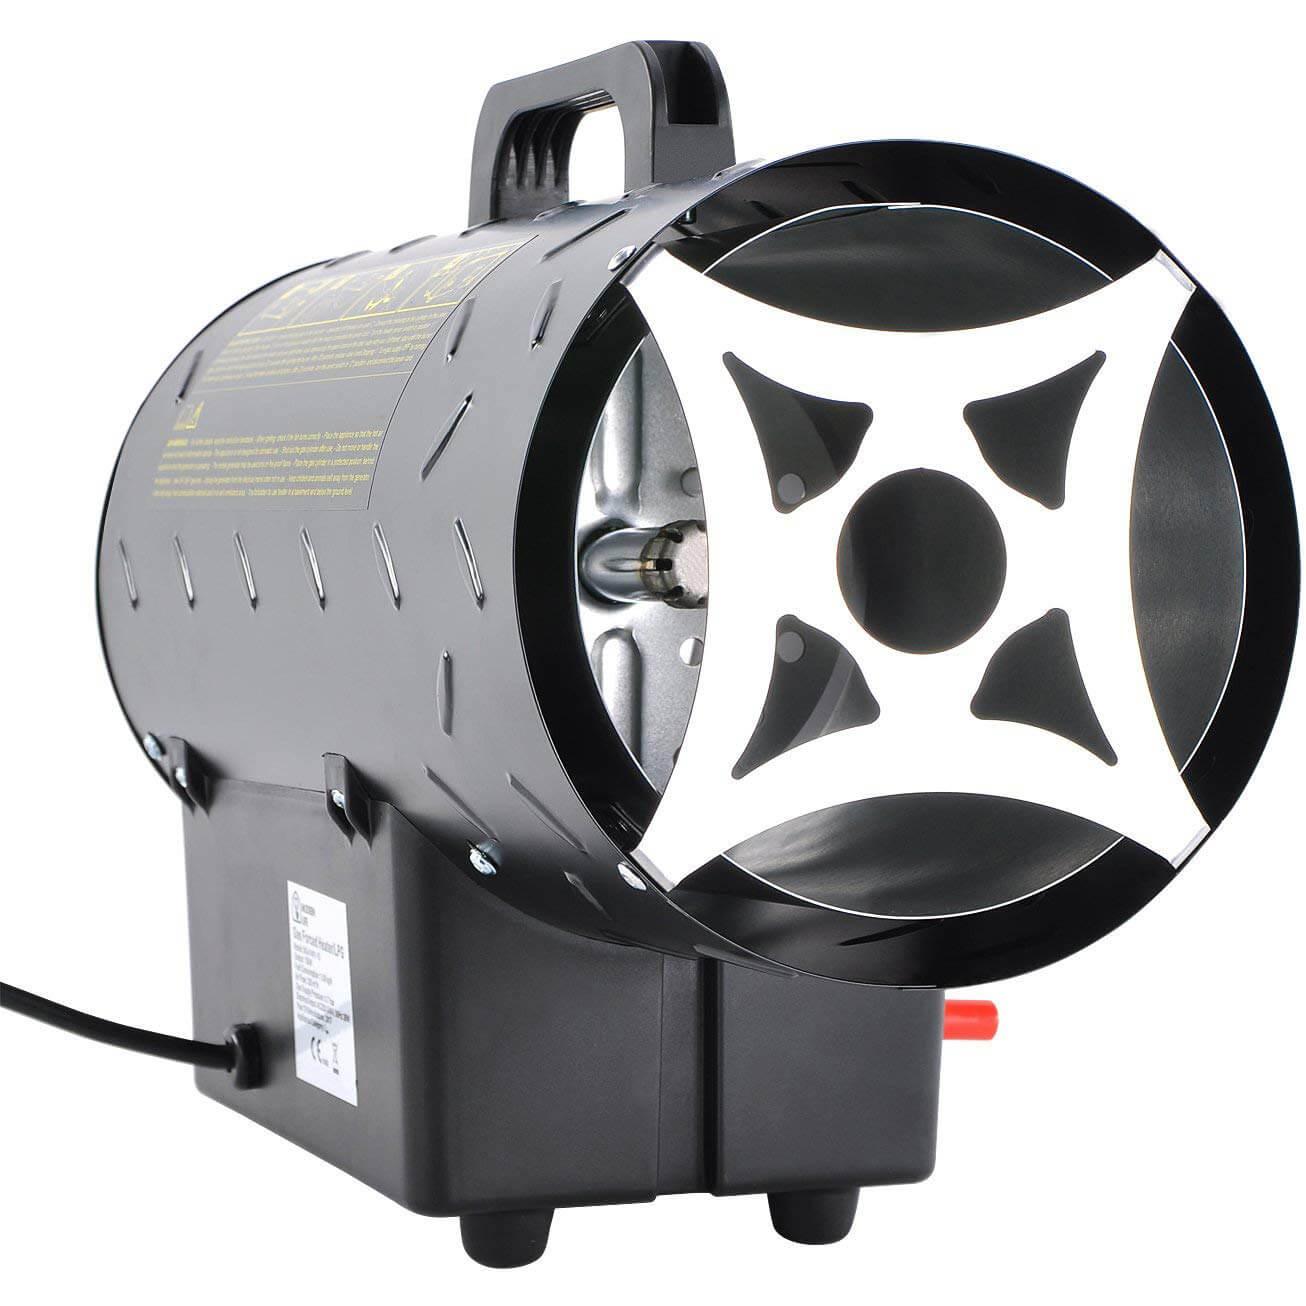 FAM Famgizmo Heavy Duty Industrial Gas Heater